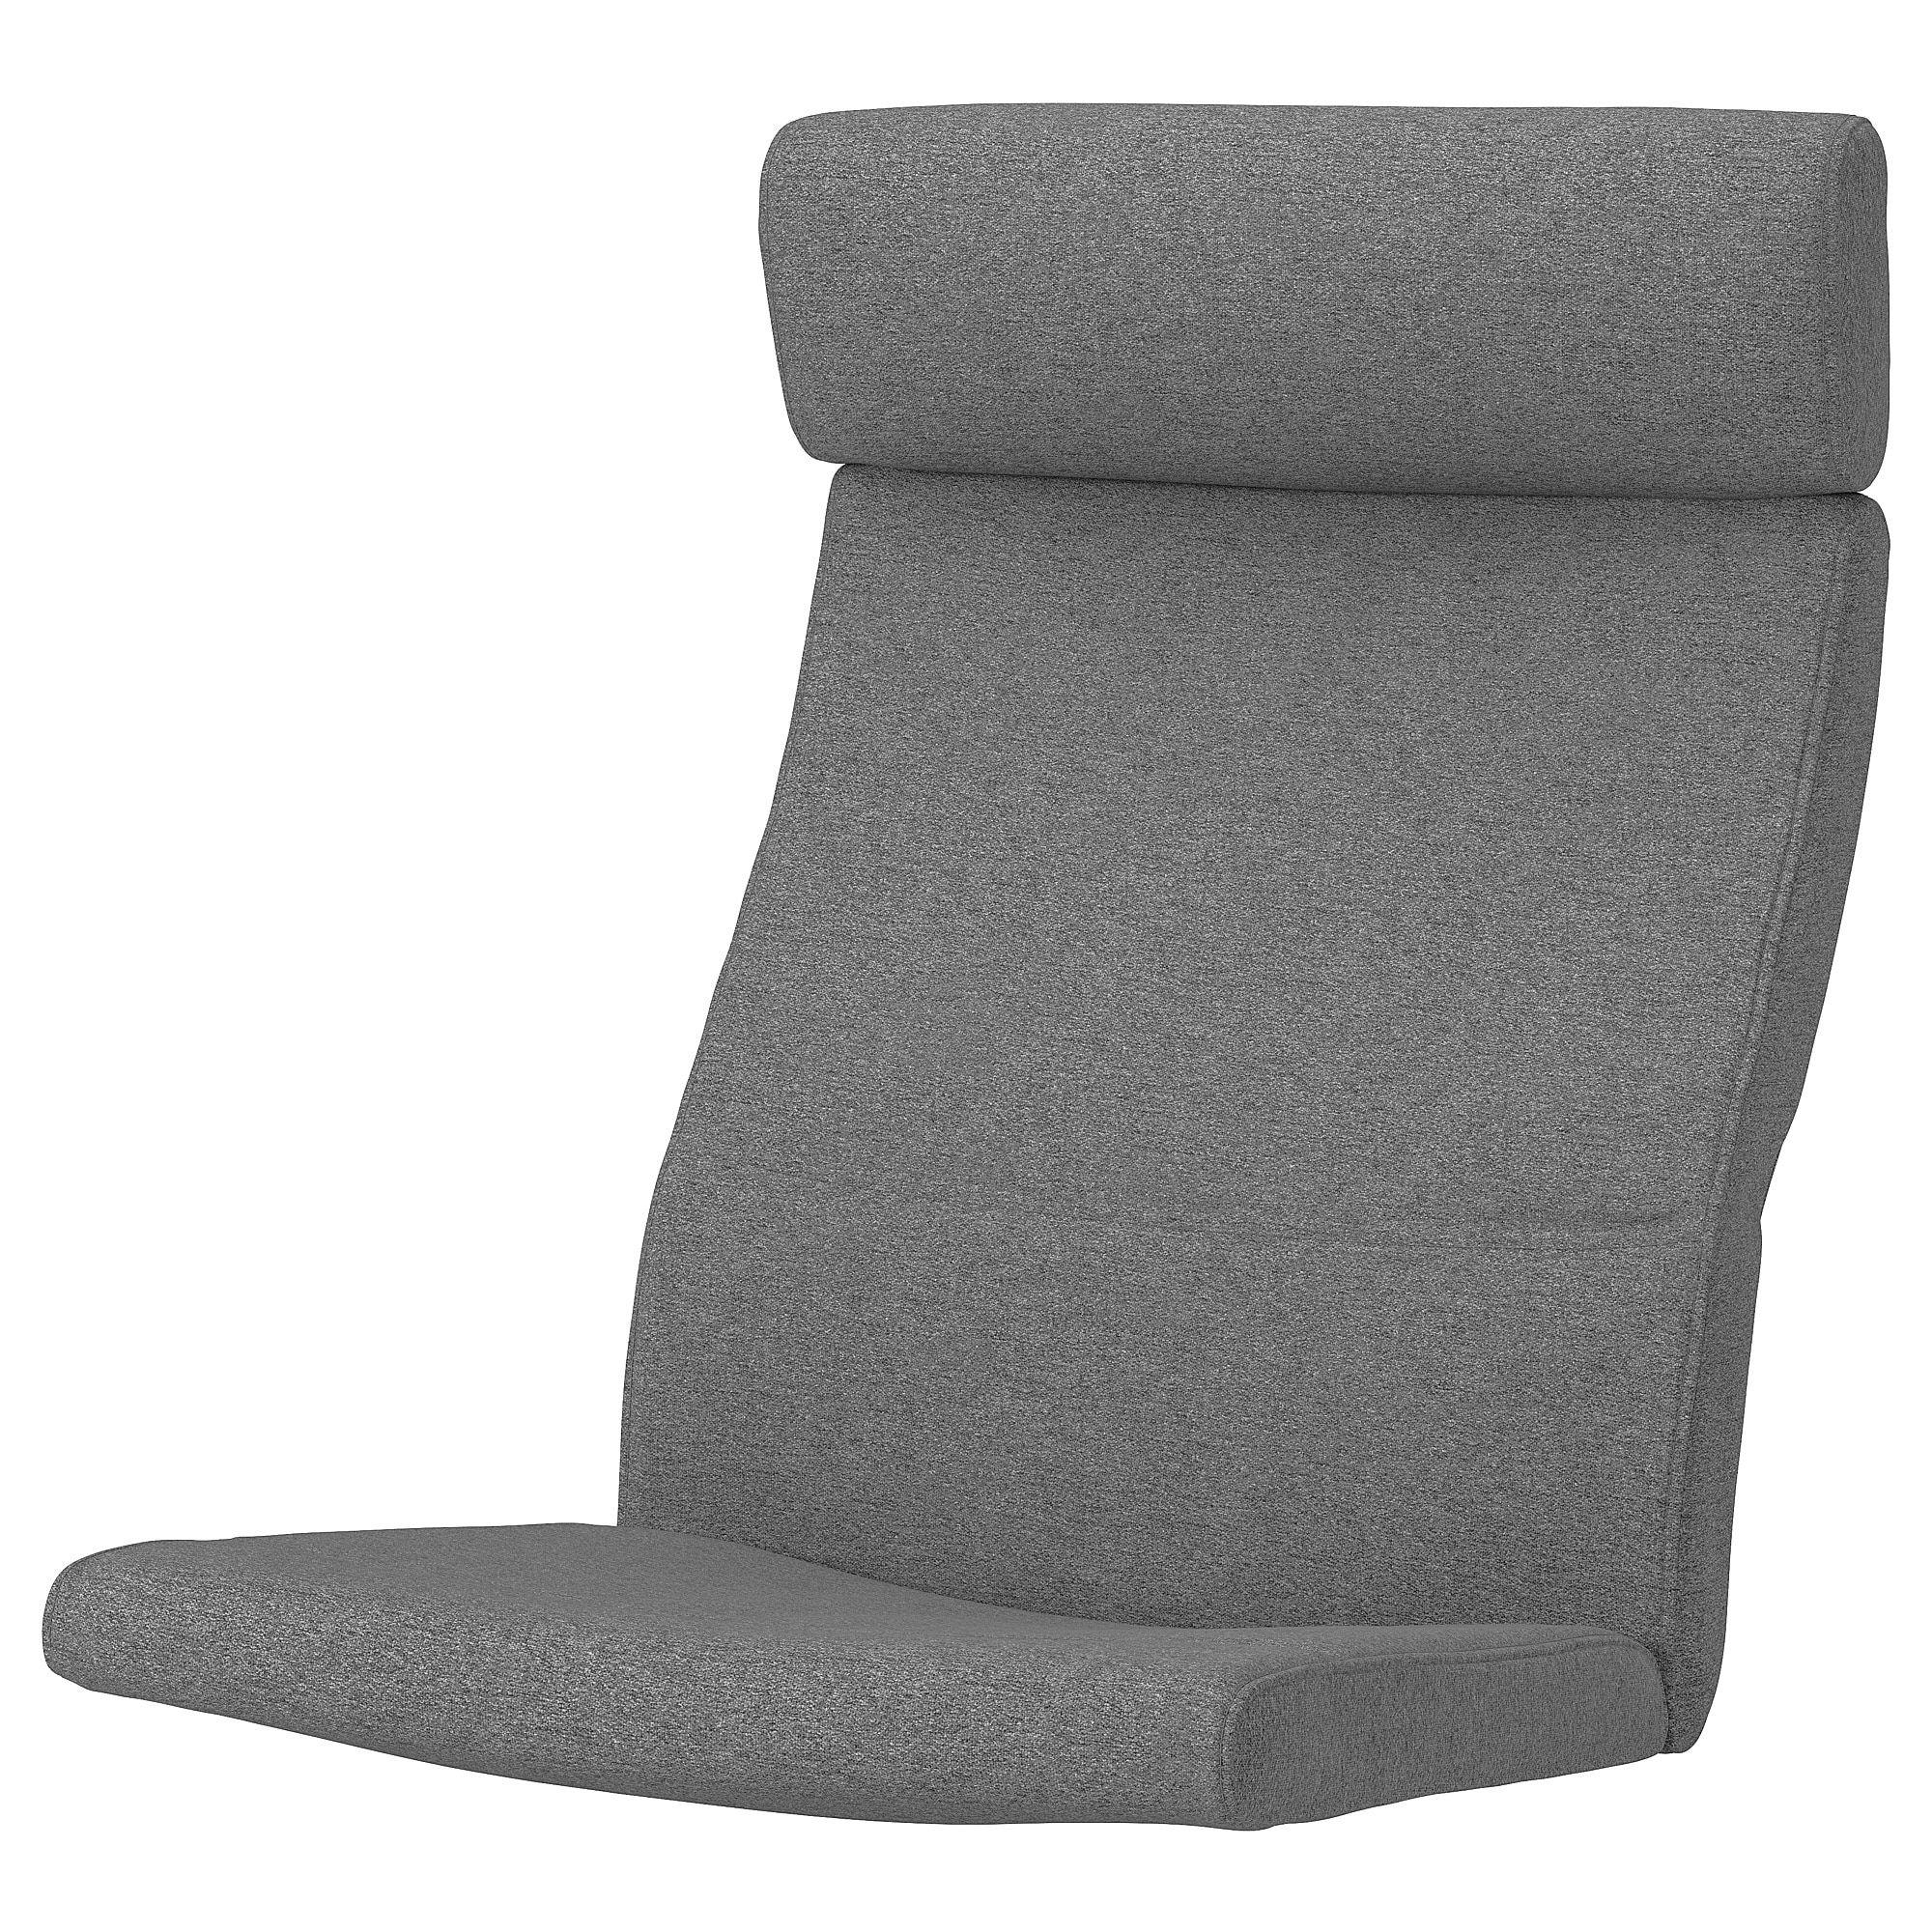 Ikea Poang Chair Cushion Chair Cushions Chair Cushions